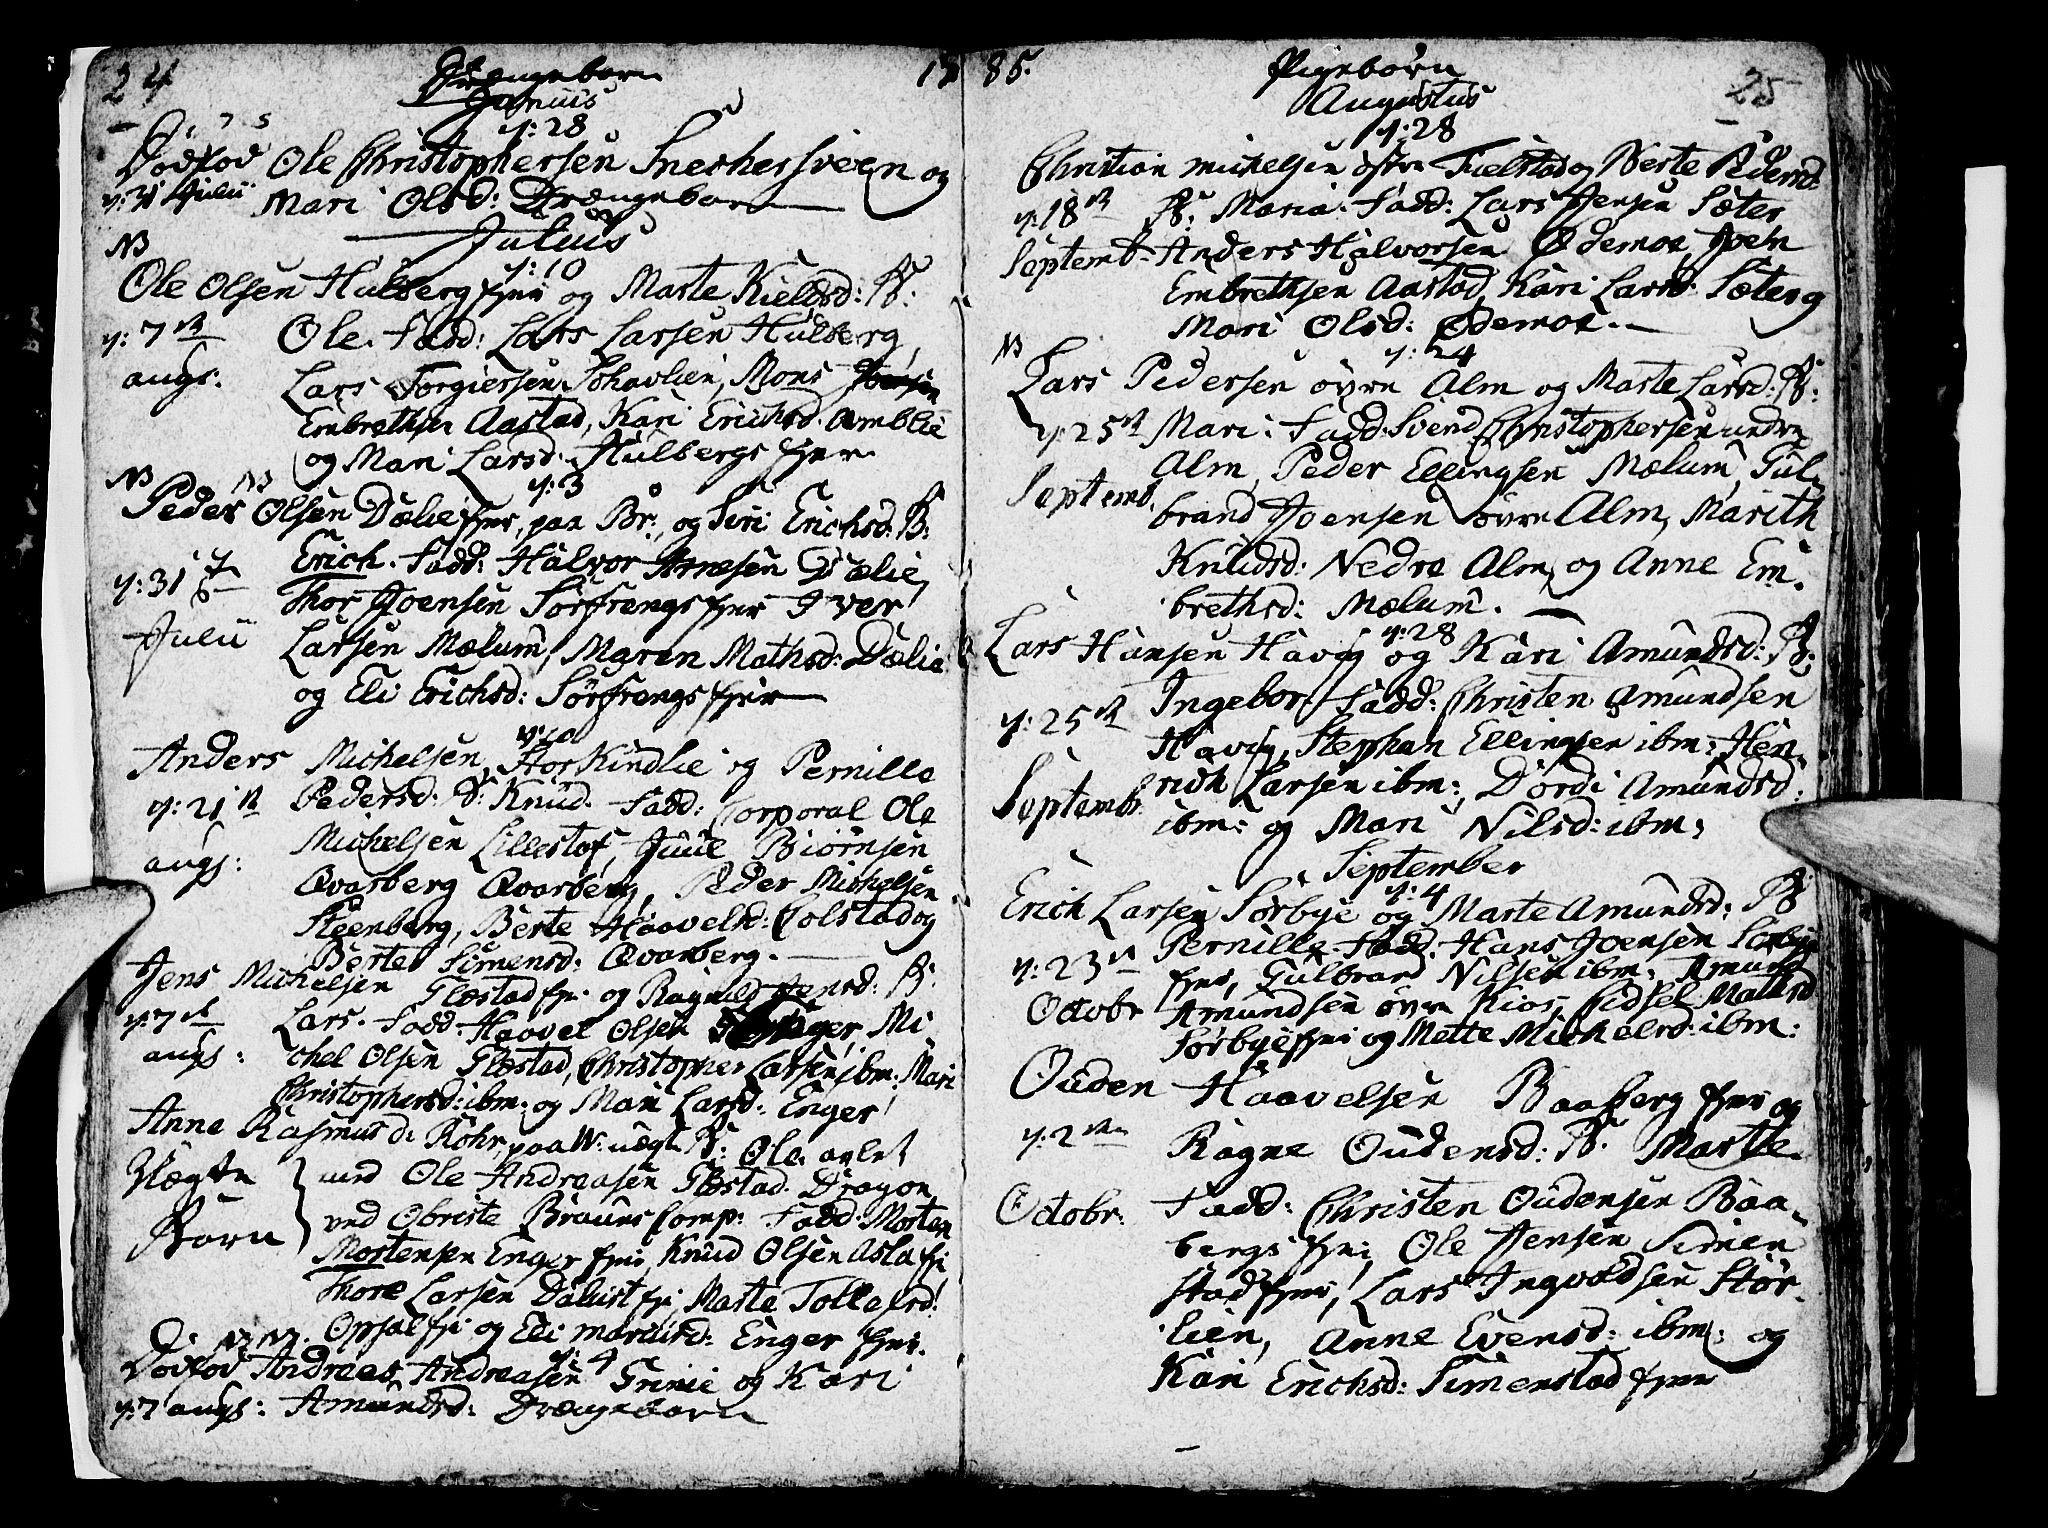 SAH, Ringsaker prestekontor, I/Ia/L0005/0004: Kladd til kirkebok nr. 1D, 1785-1789, s. 24-25